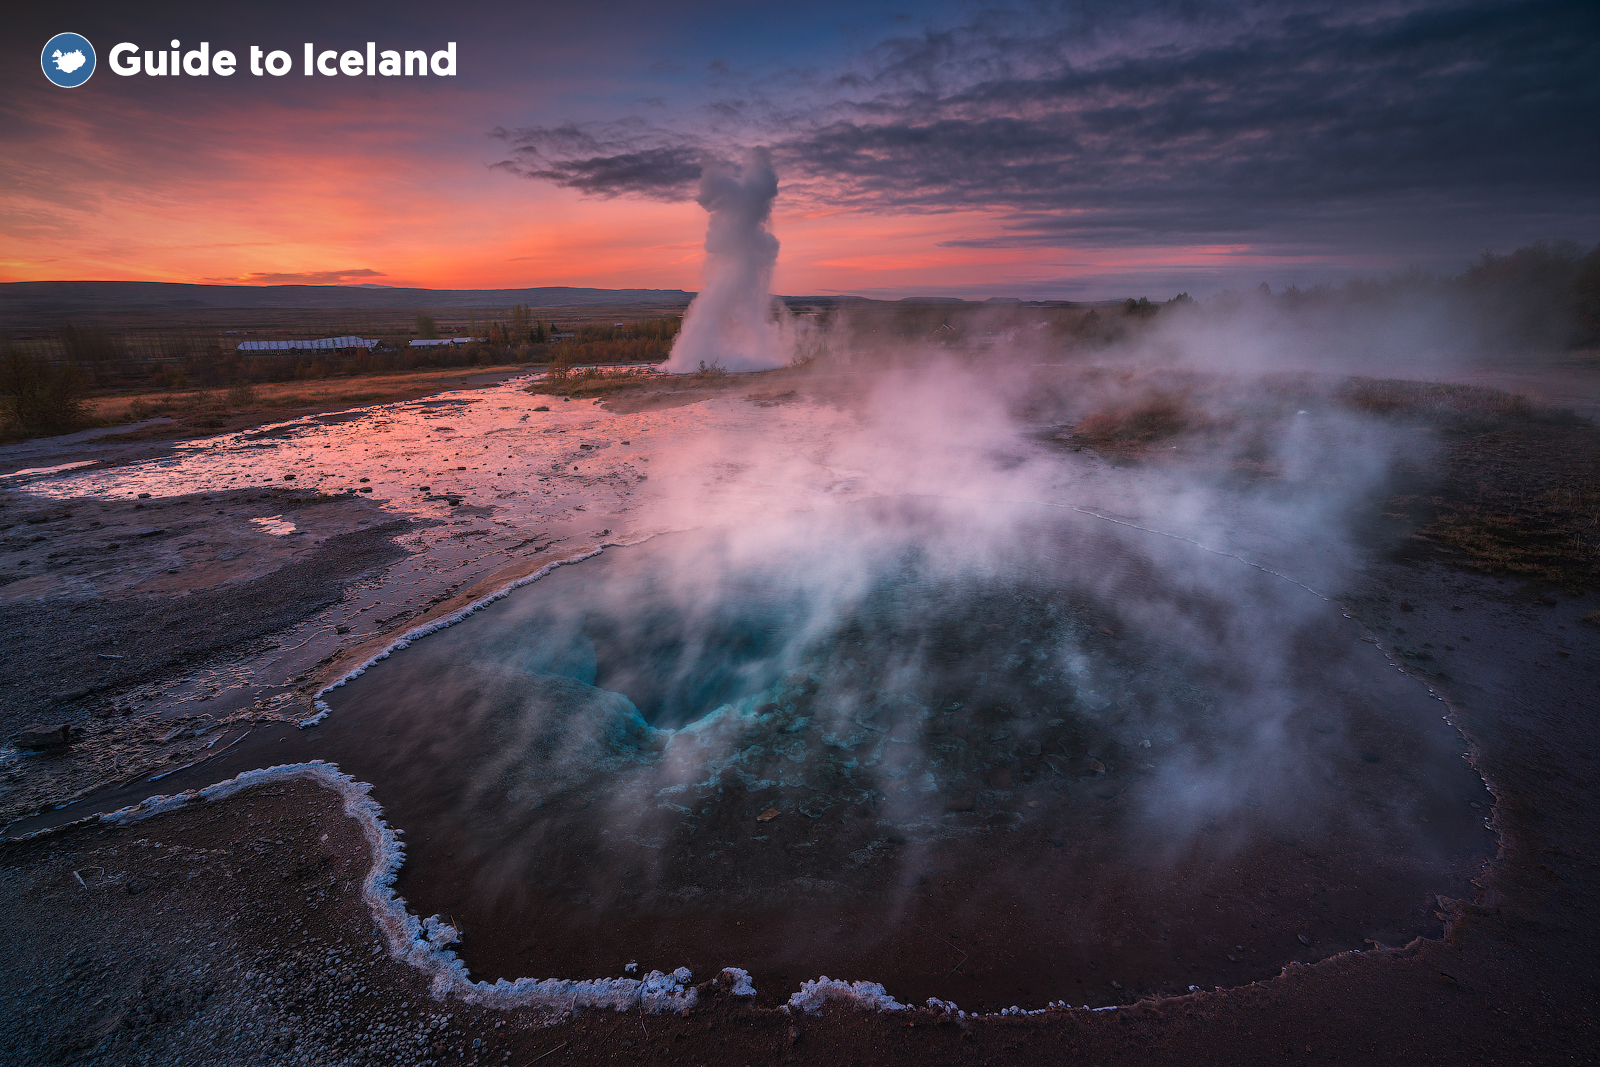 Pasa tres días viajando a las atracciones más populares de Islandia, como las de la ruta del Círculo Dorado, con un viaje a tu aire en invierno.